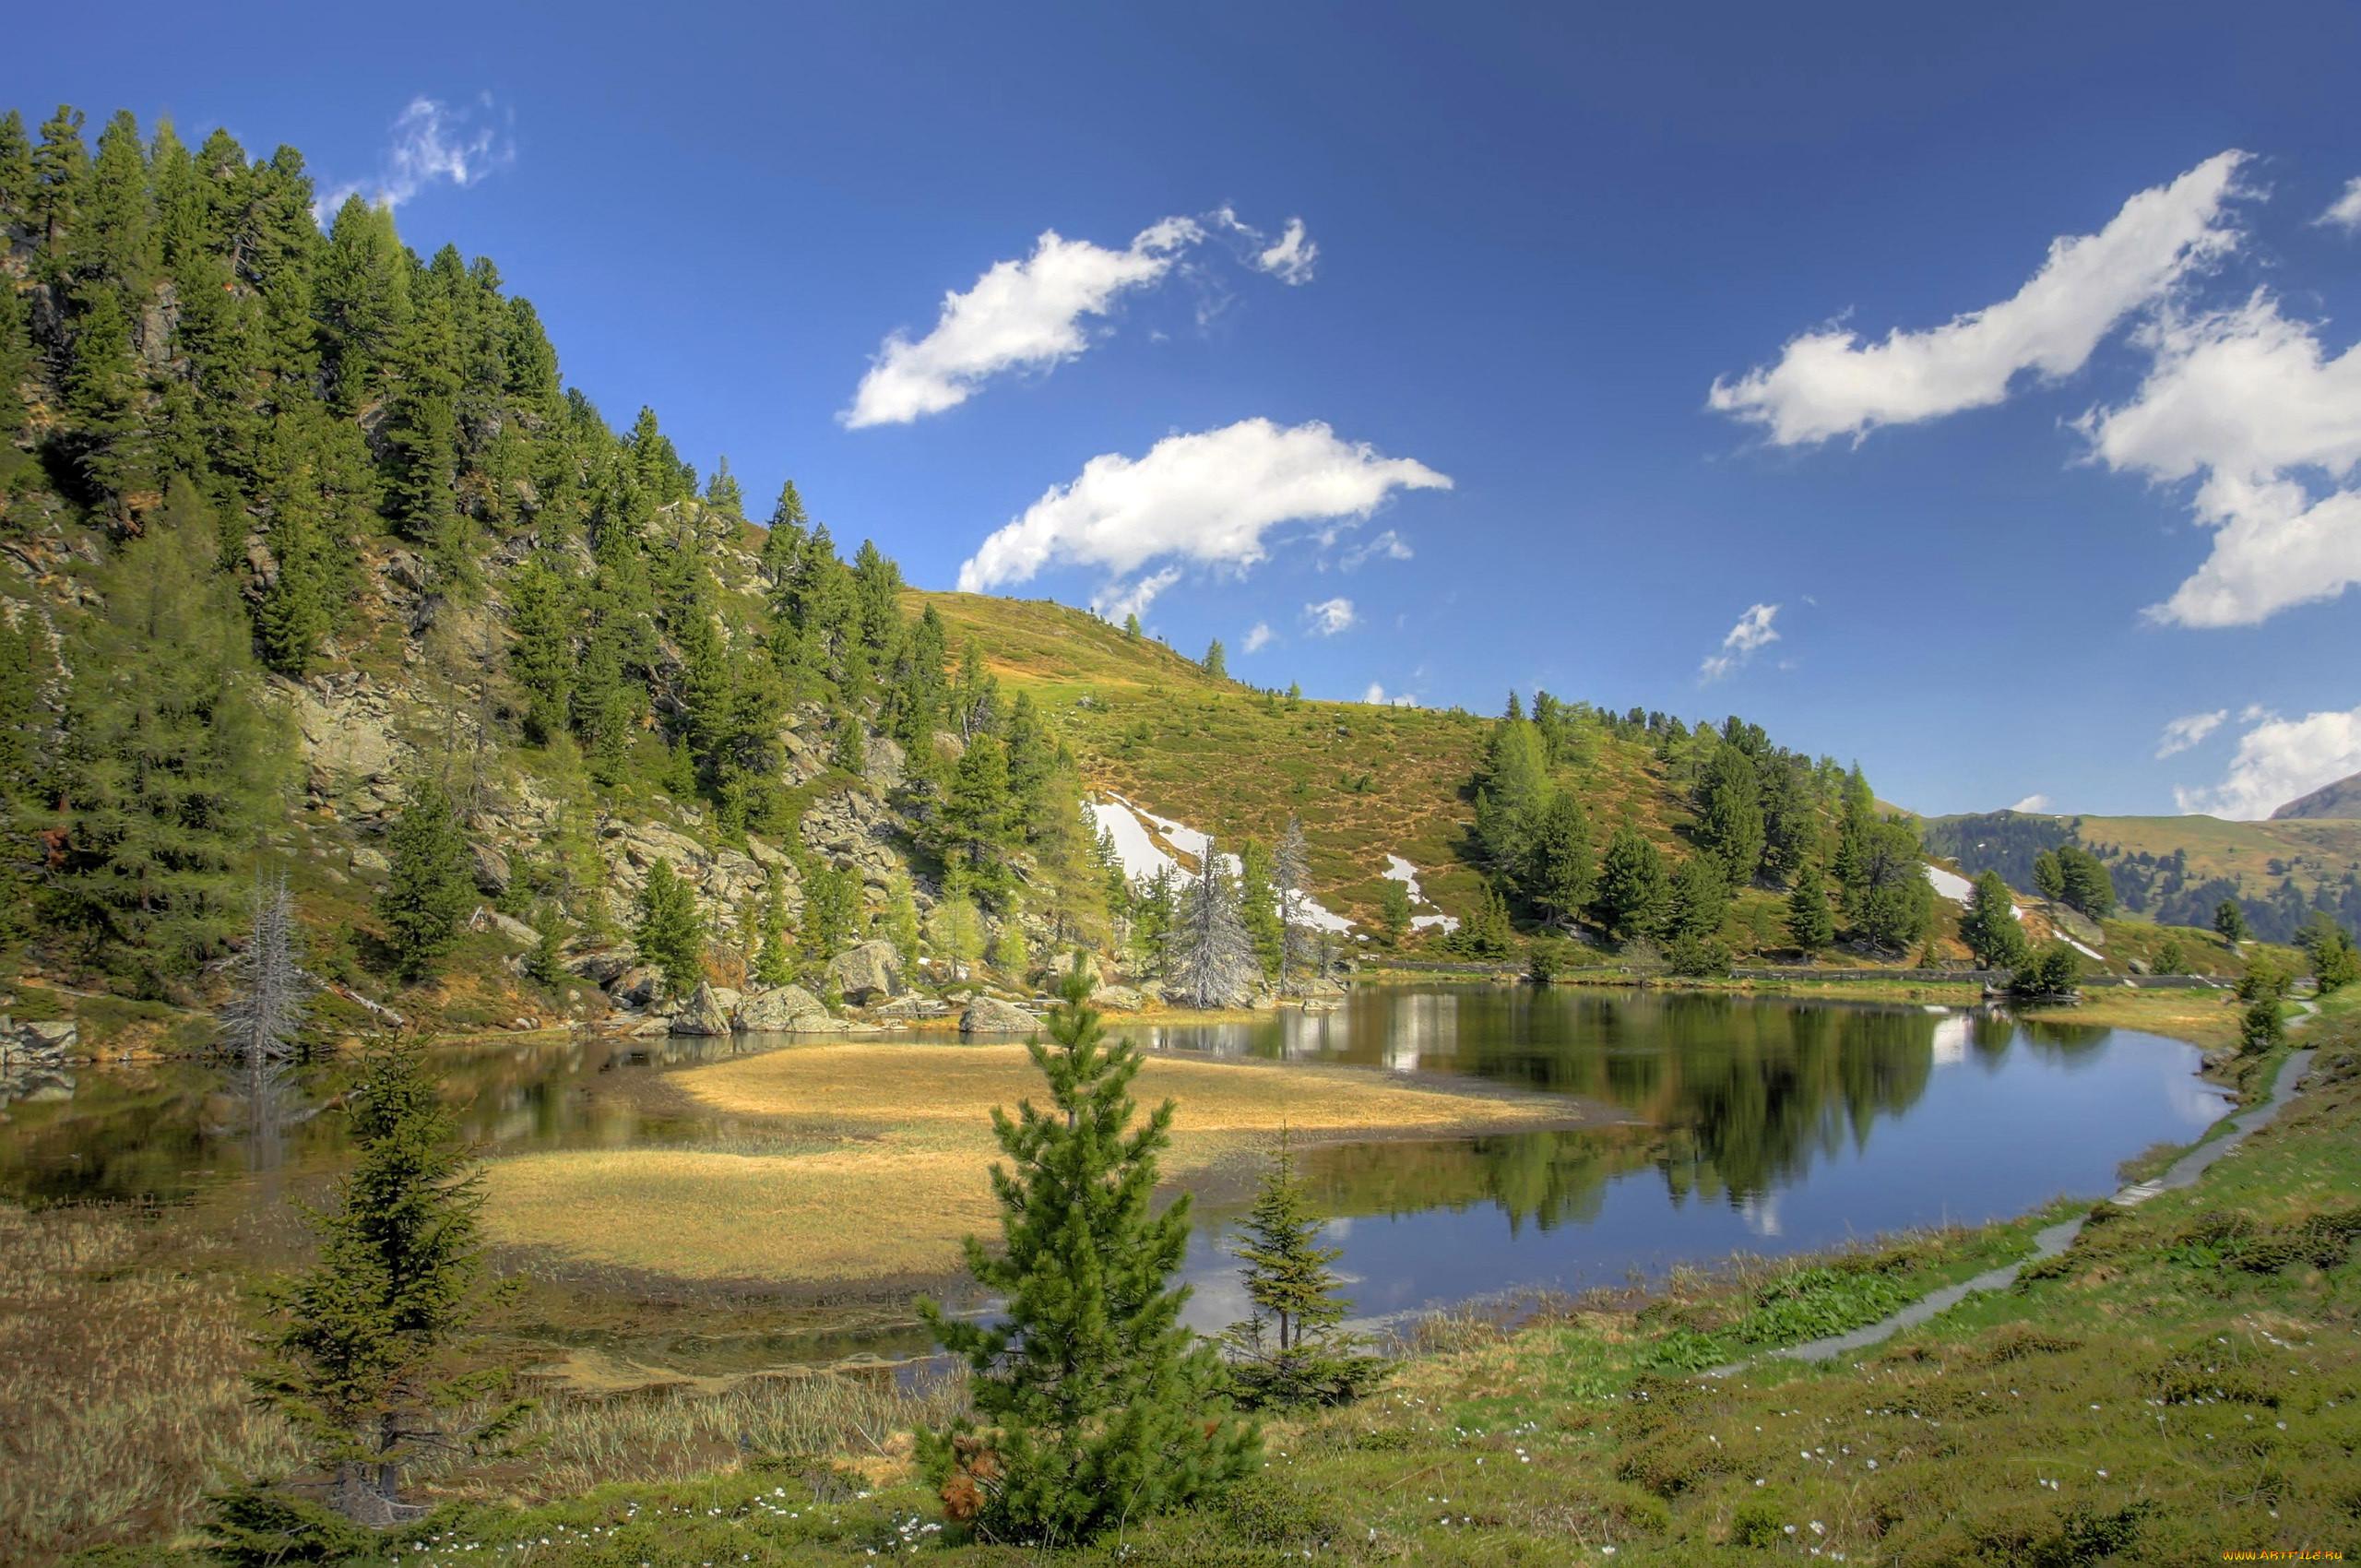 природа, реки, озера, озеро, пейзаж, деревья, облака, горы